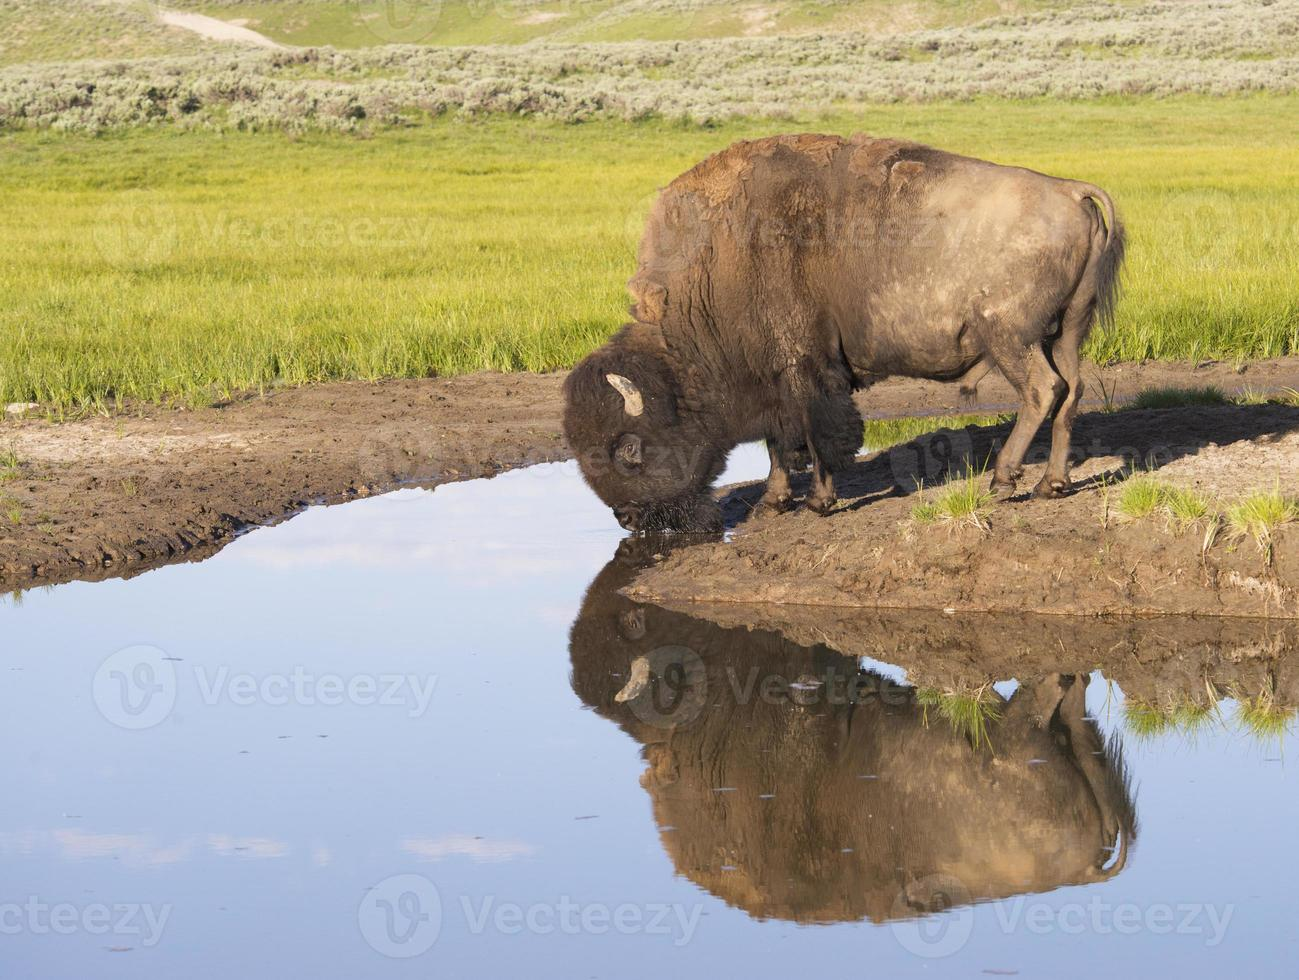 reflexos de água de grandes bisões bebendo de uma lagoa clara. foto